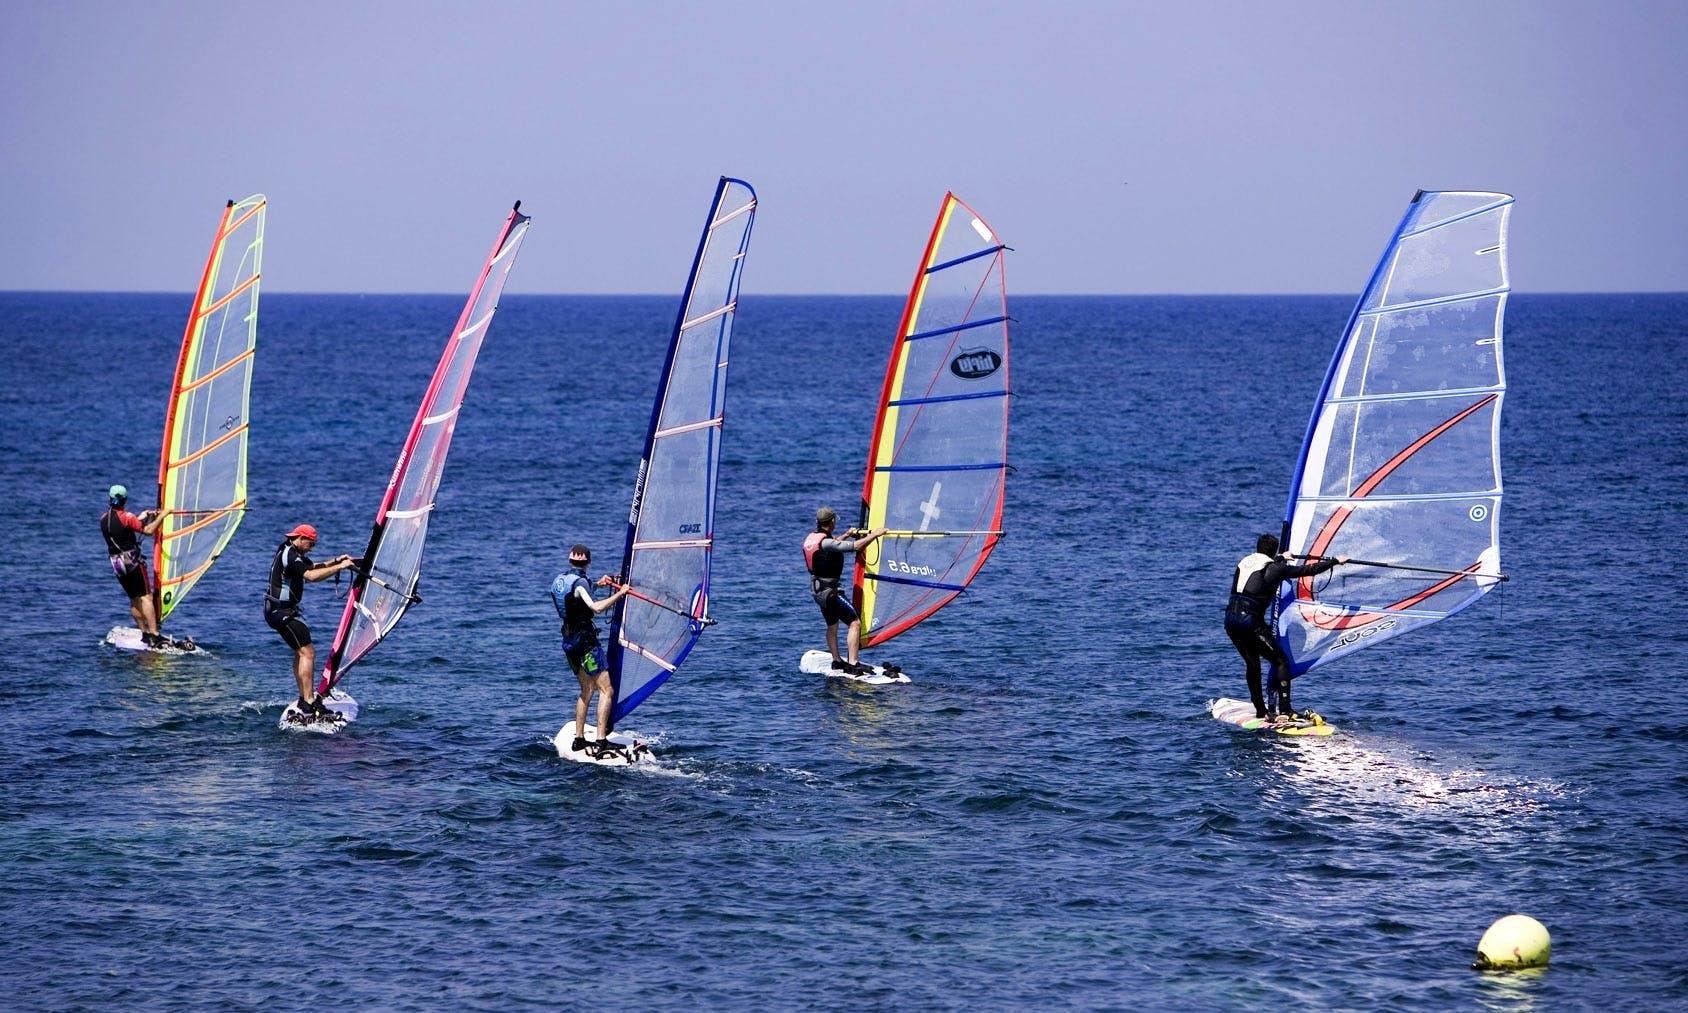 Windsurfing in Santorini